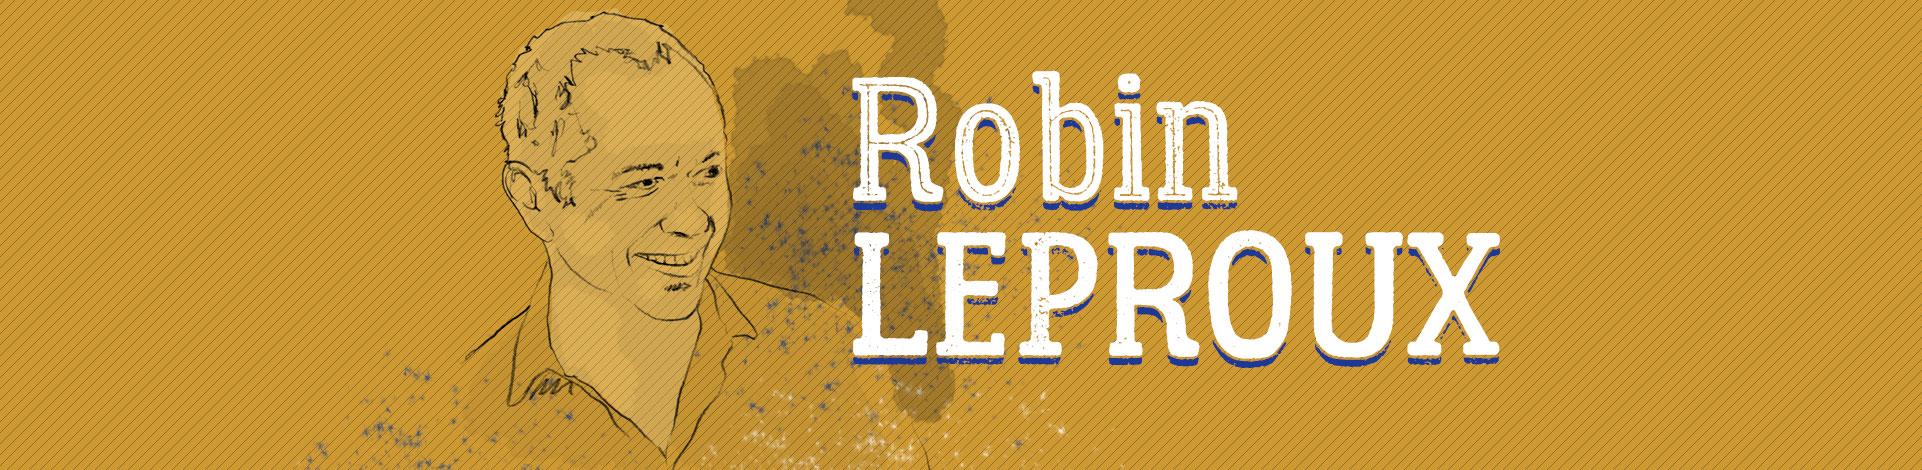 RobinLeproux_slideshow